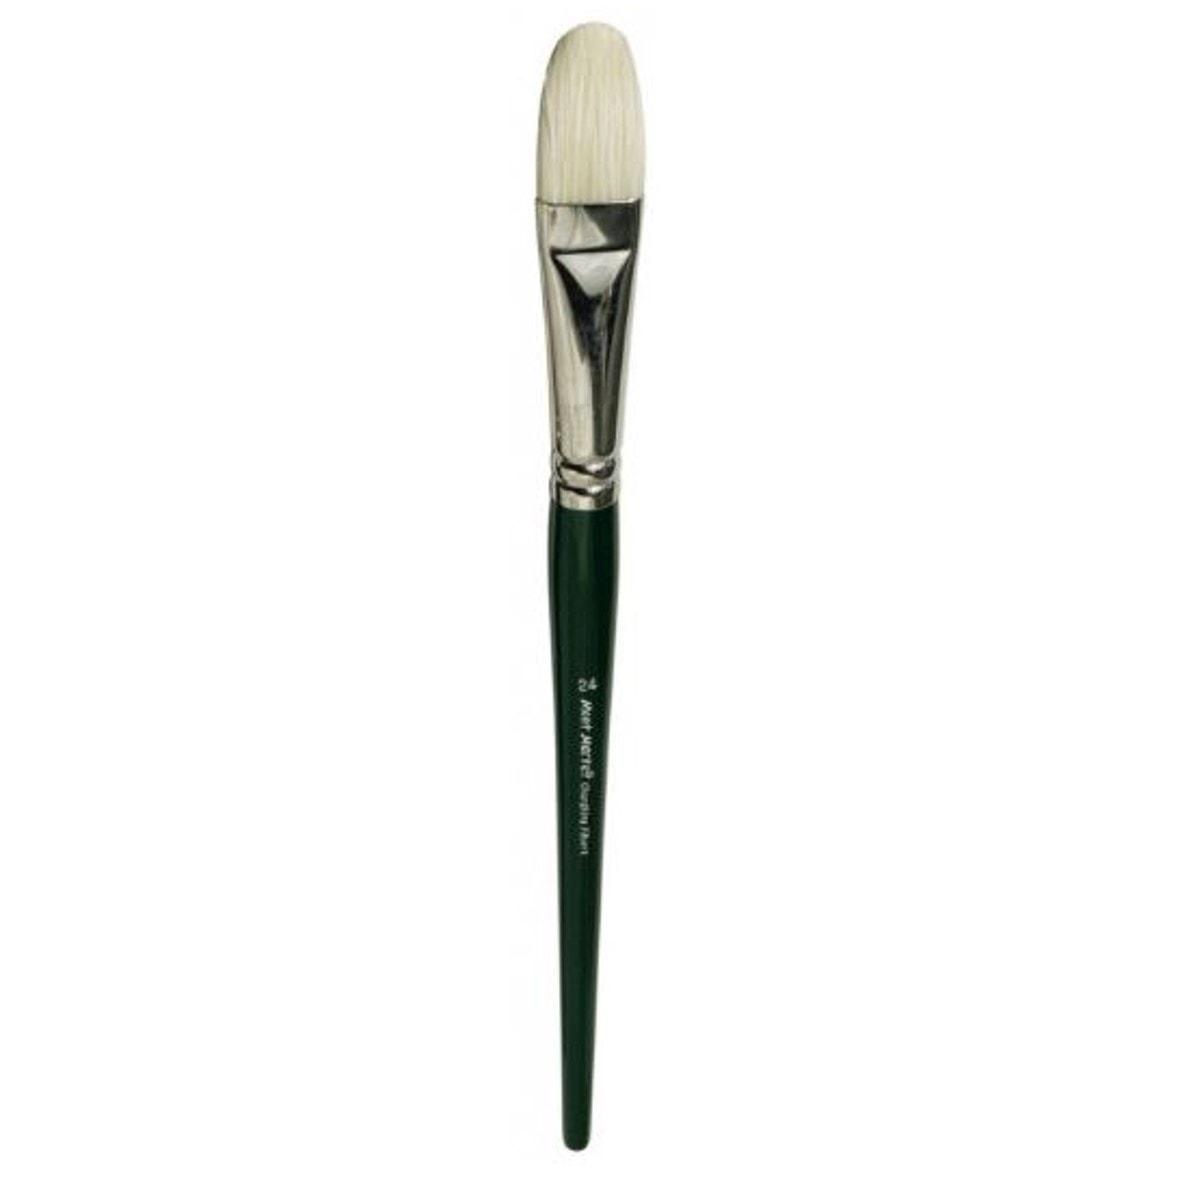 Artist Brush Chungking Filbert size 24